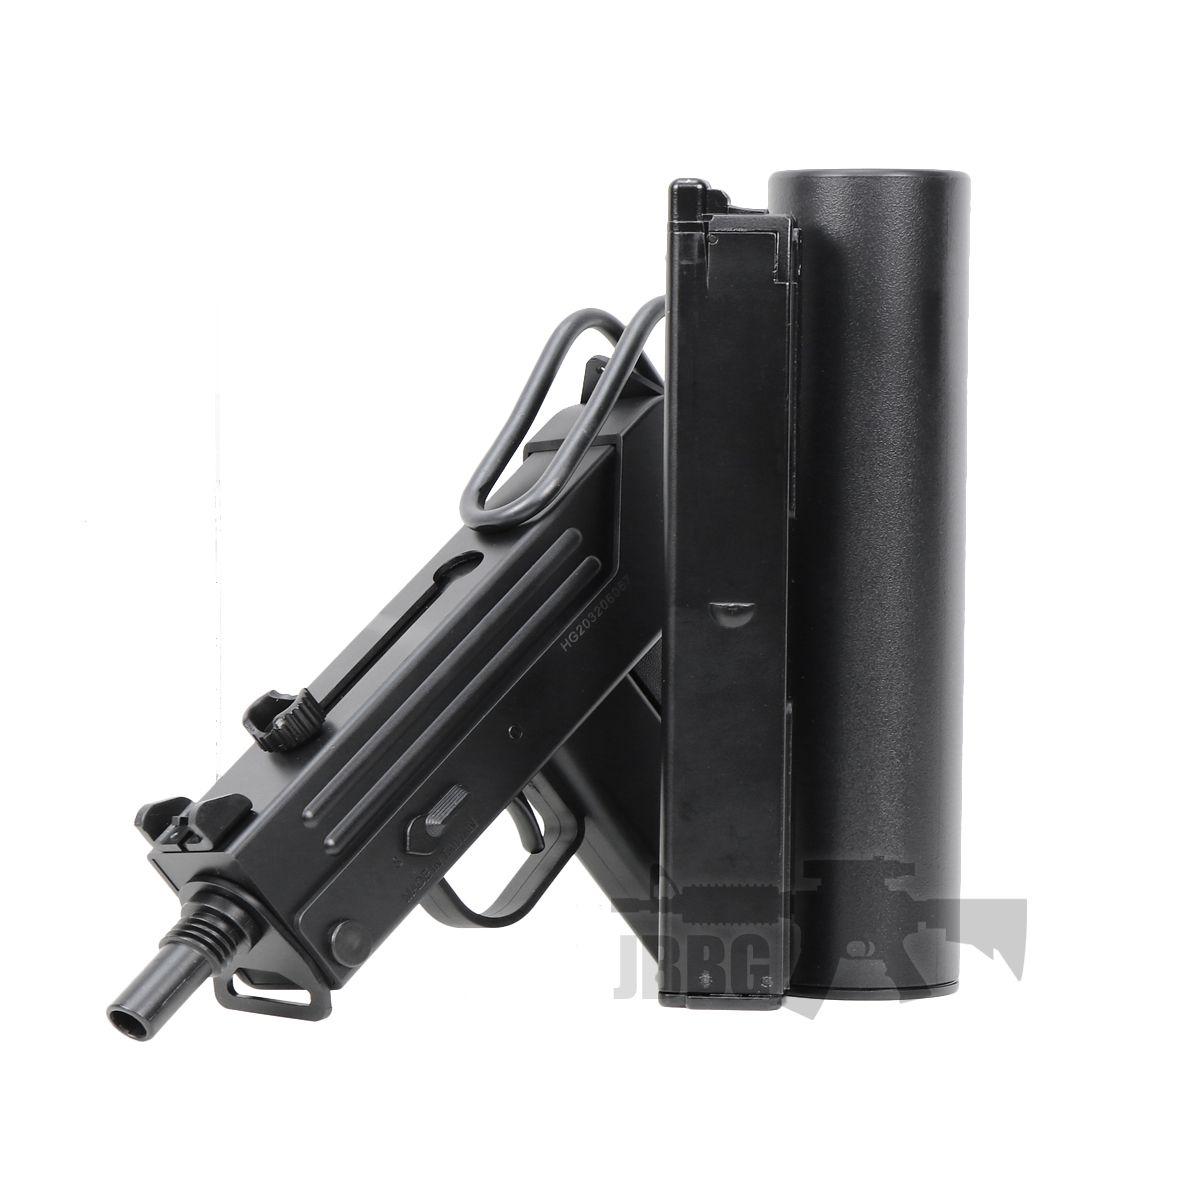 hg203 airsoft gun 6